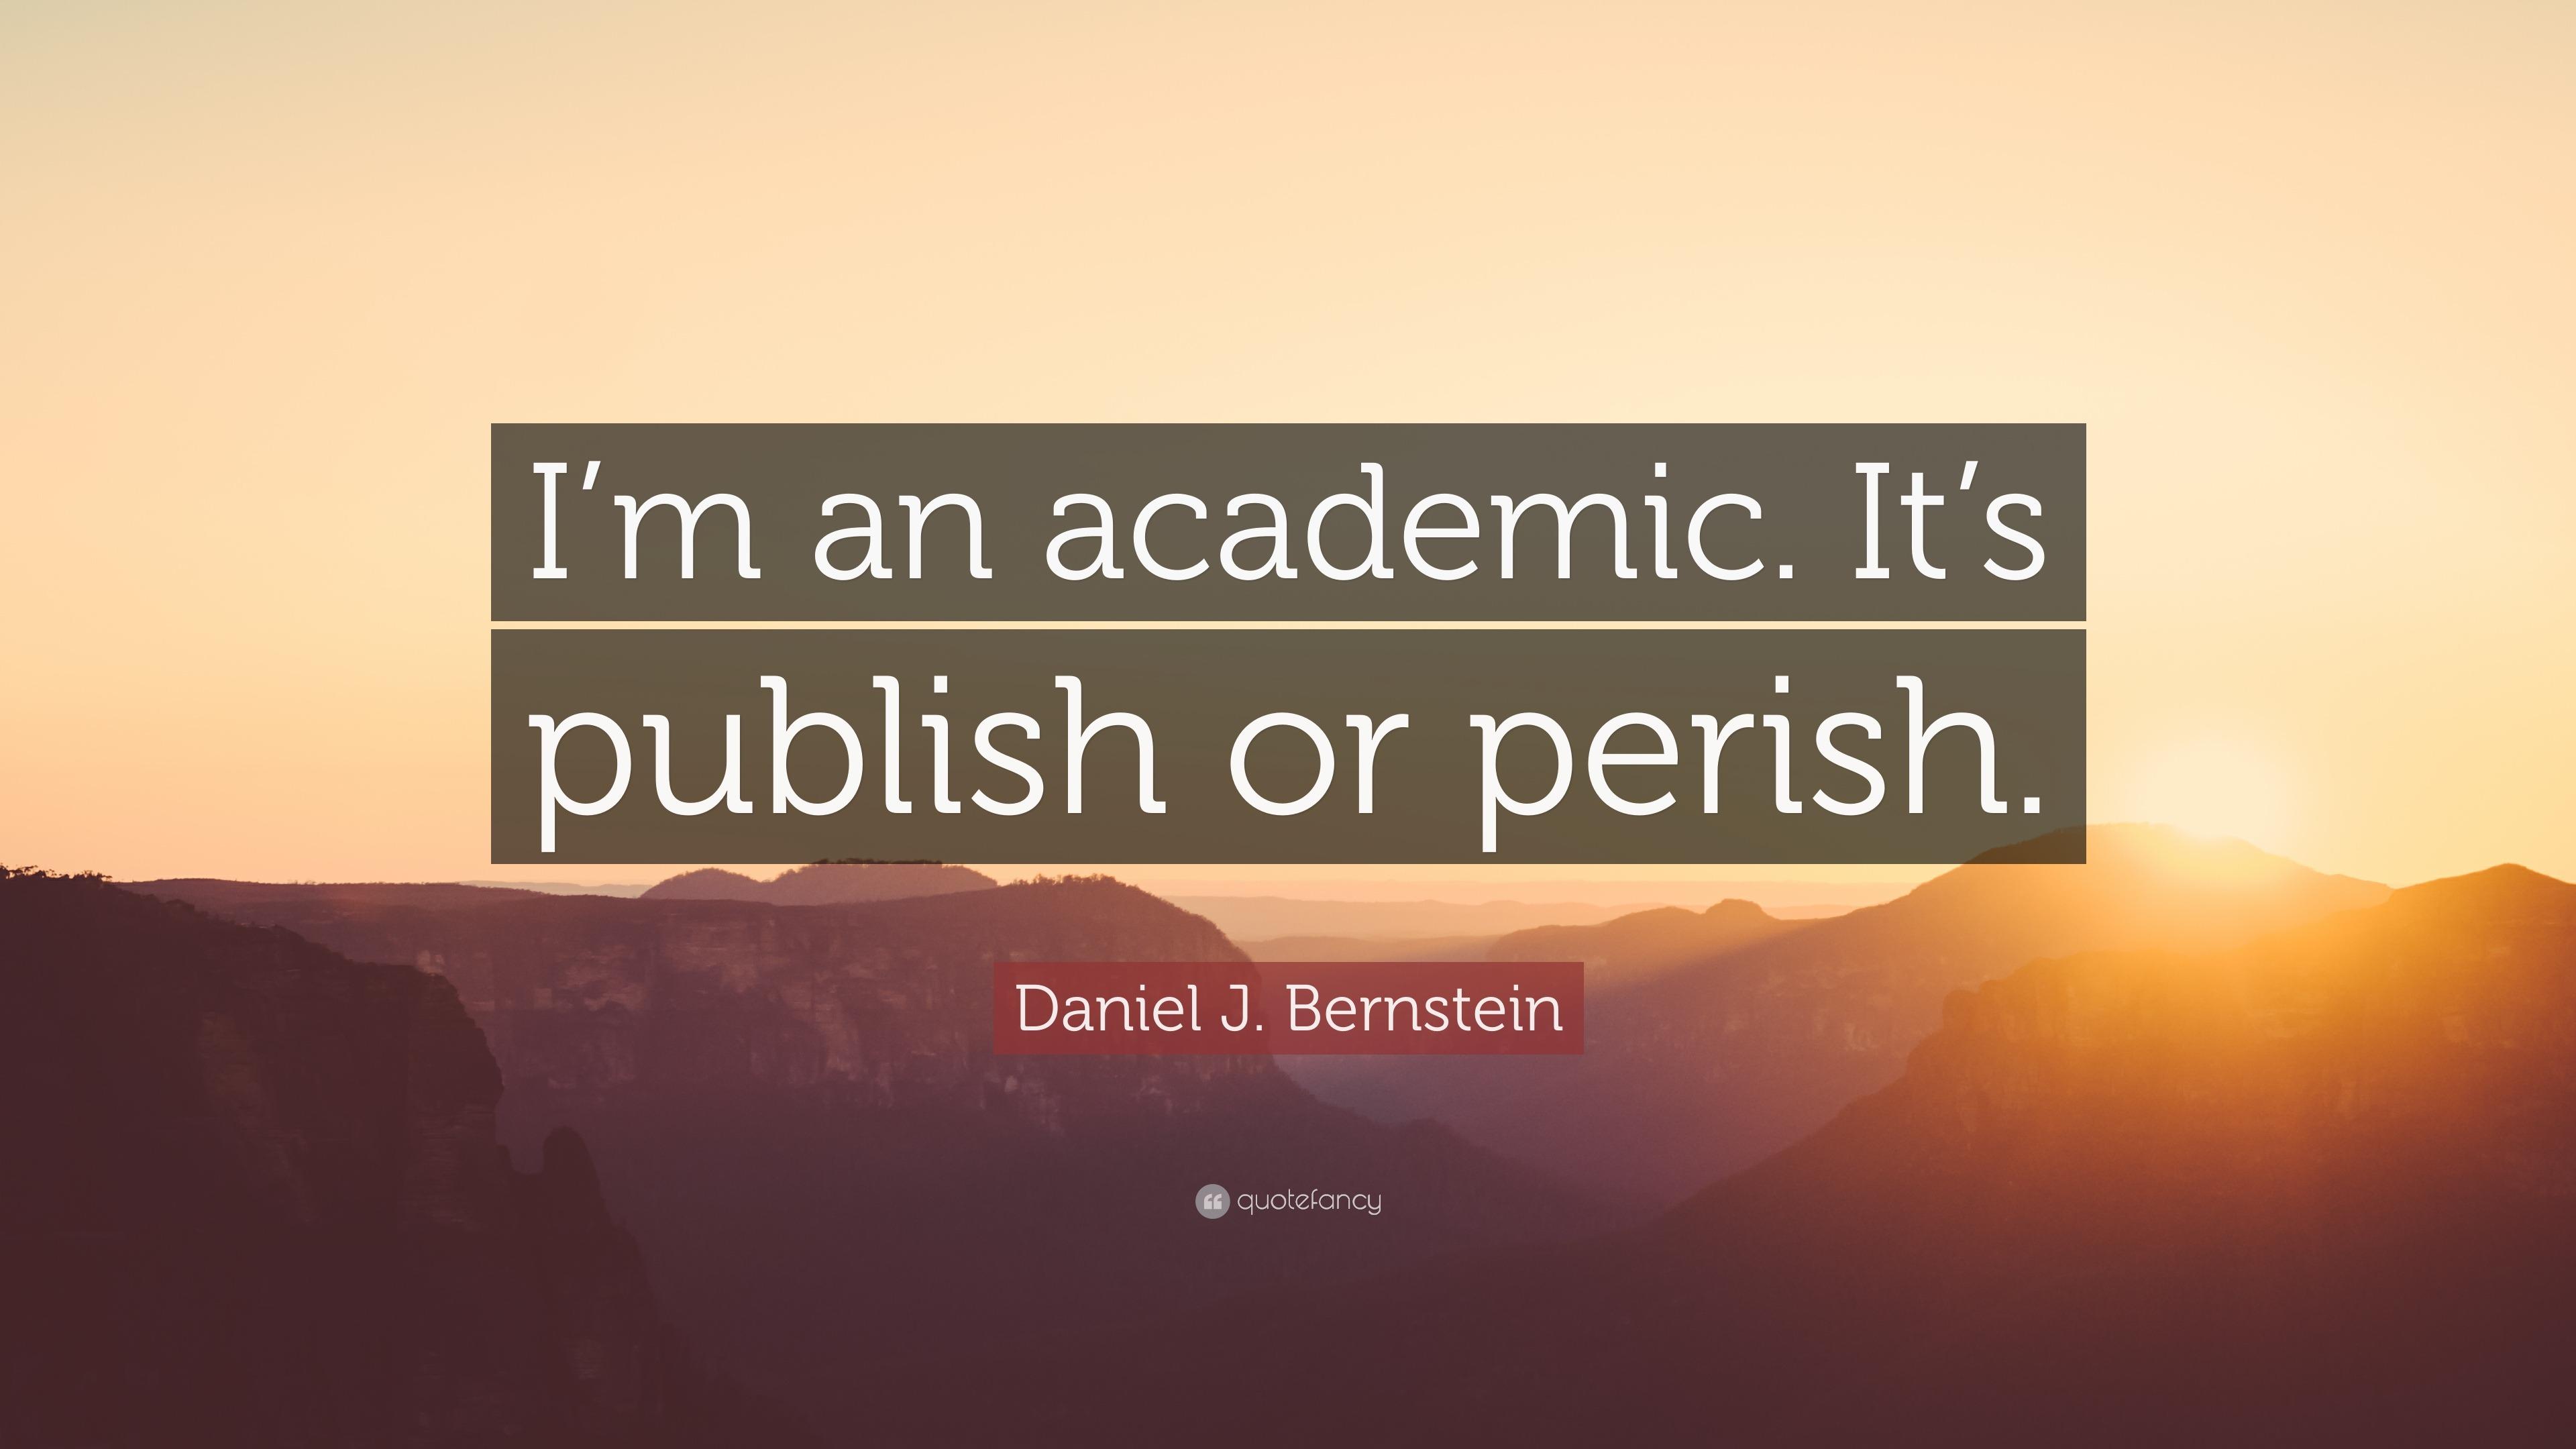 Academic Quotes Impressive Daniel Jbernstein Quotes 9 Wallpapers  Quotefancy